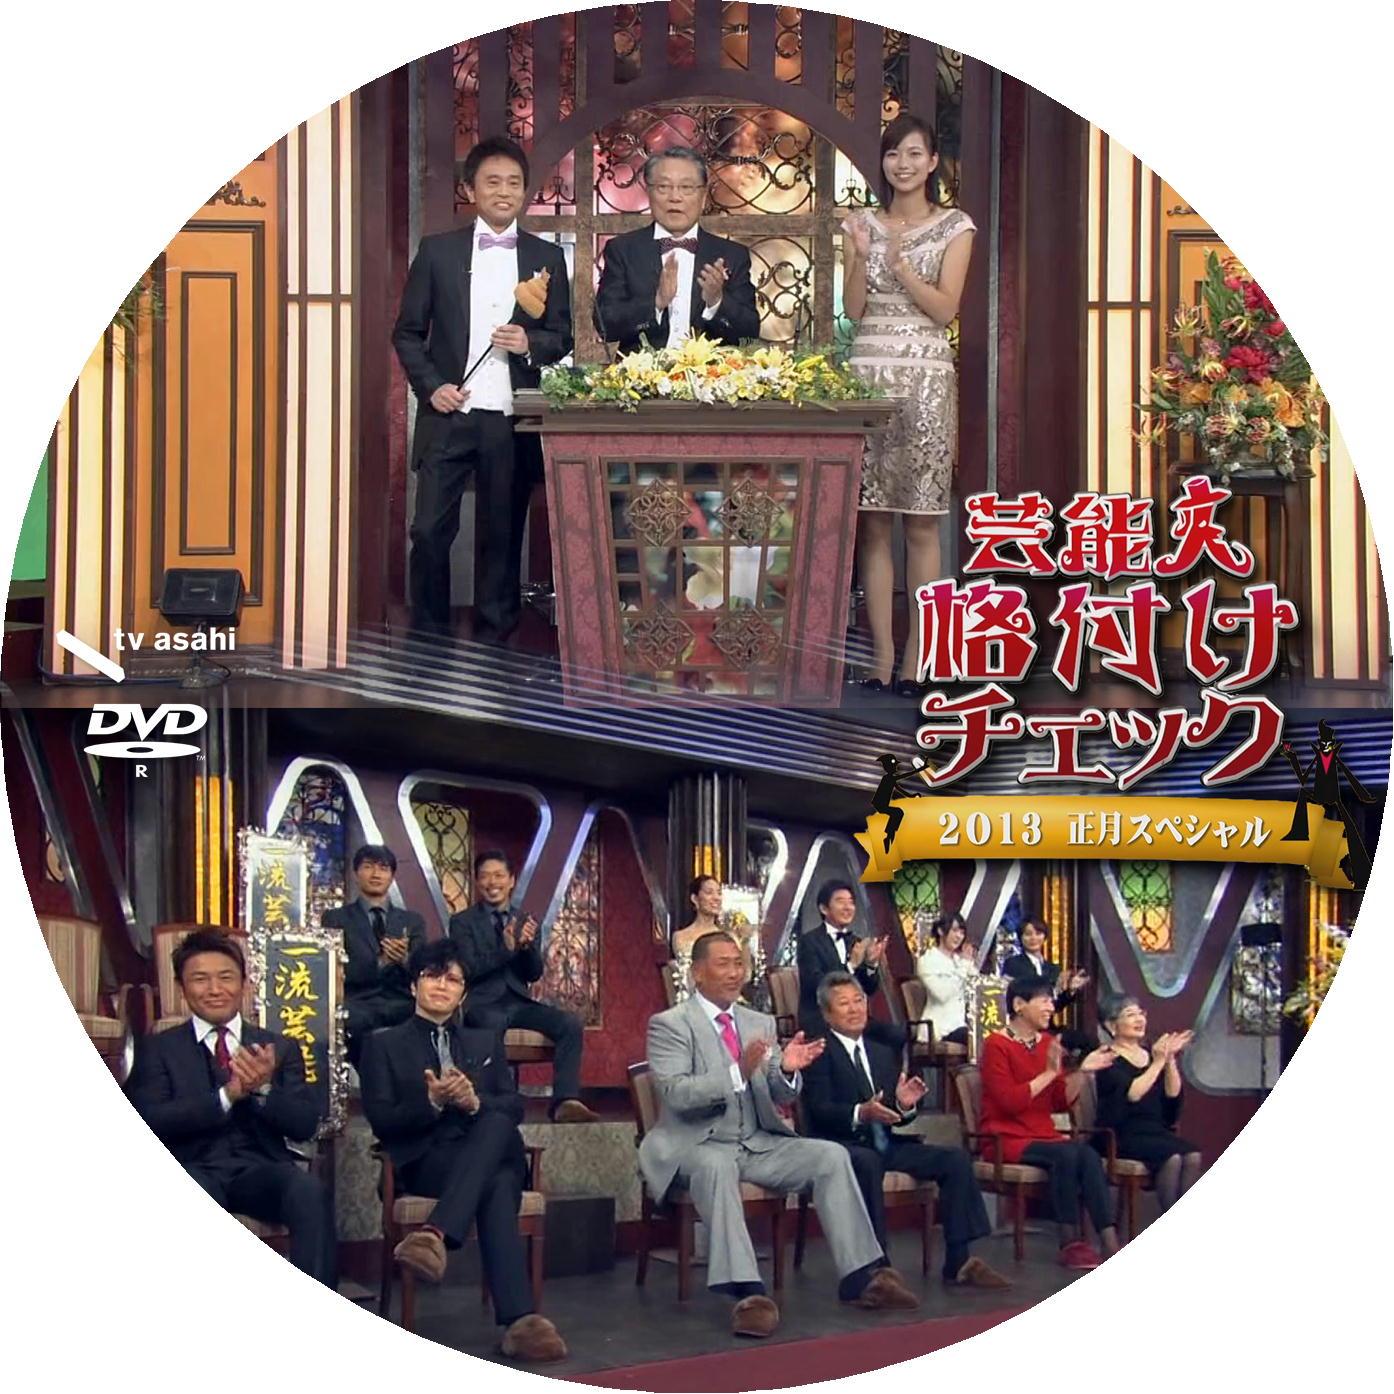 格付け2013 DVDラベル